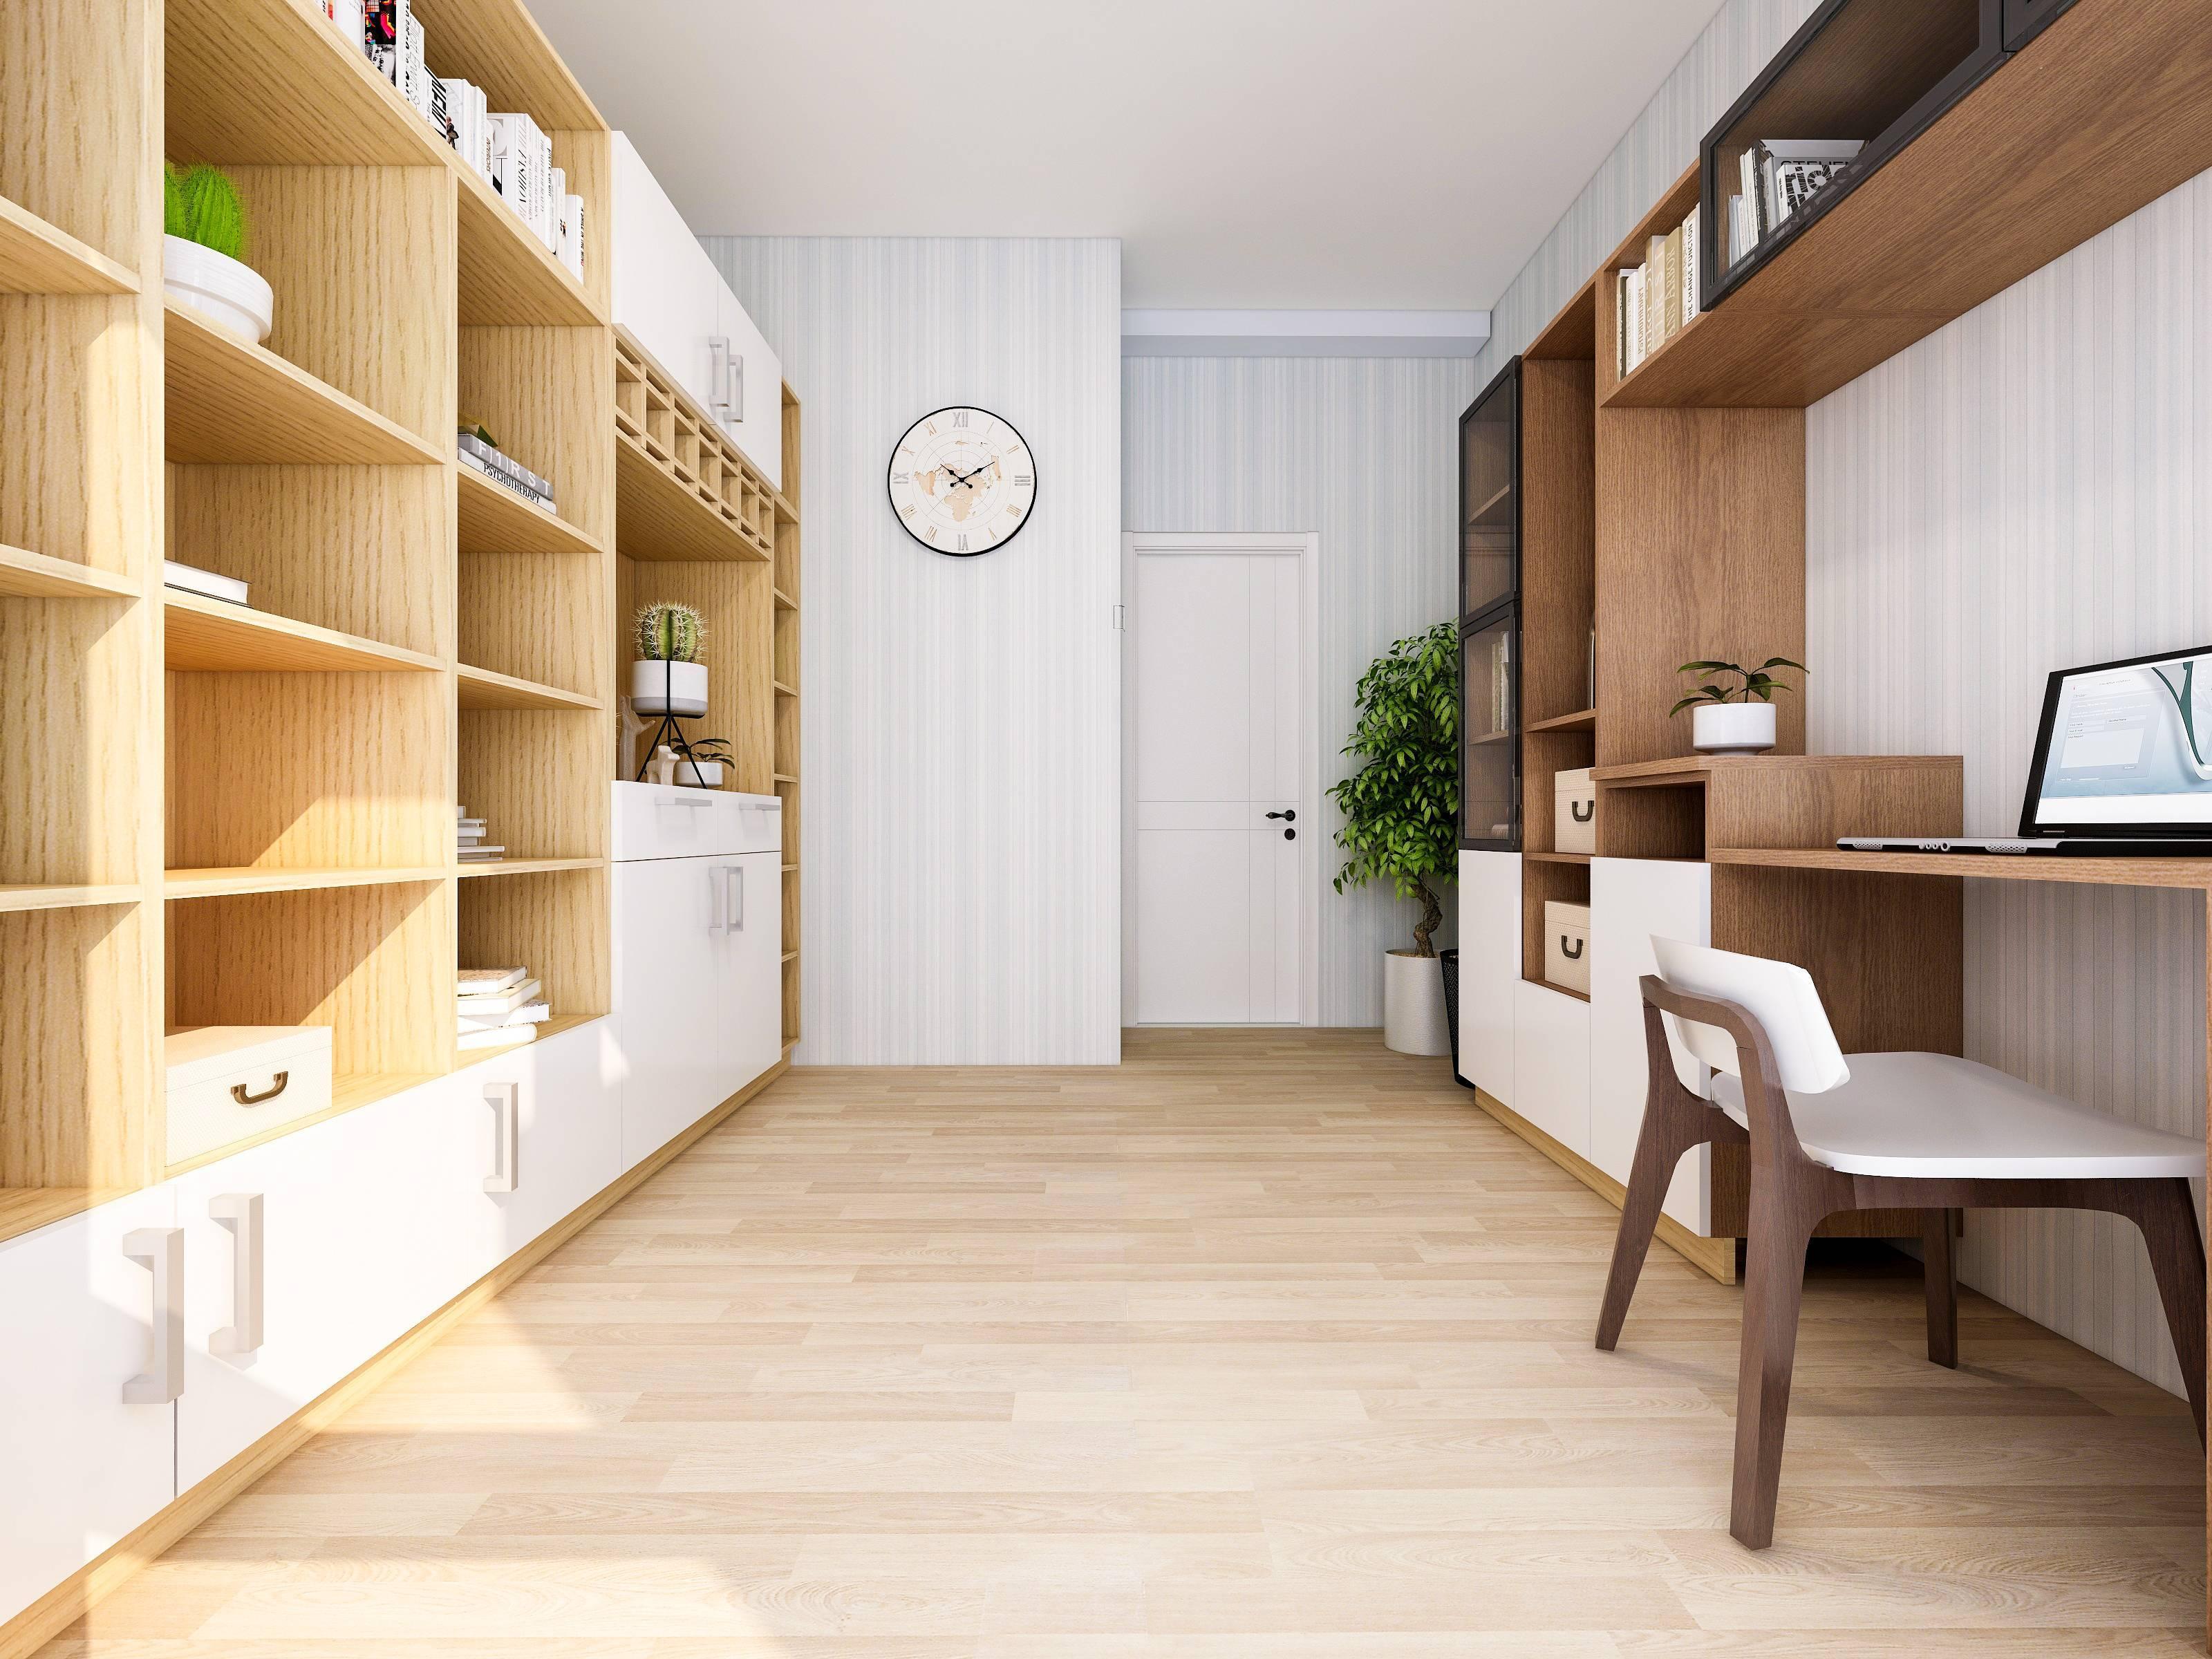 pourquoi choisir des meubles en bois